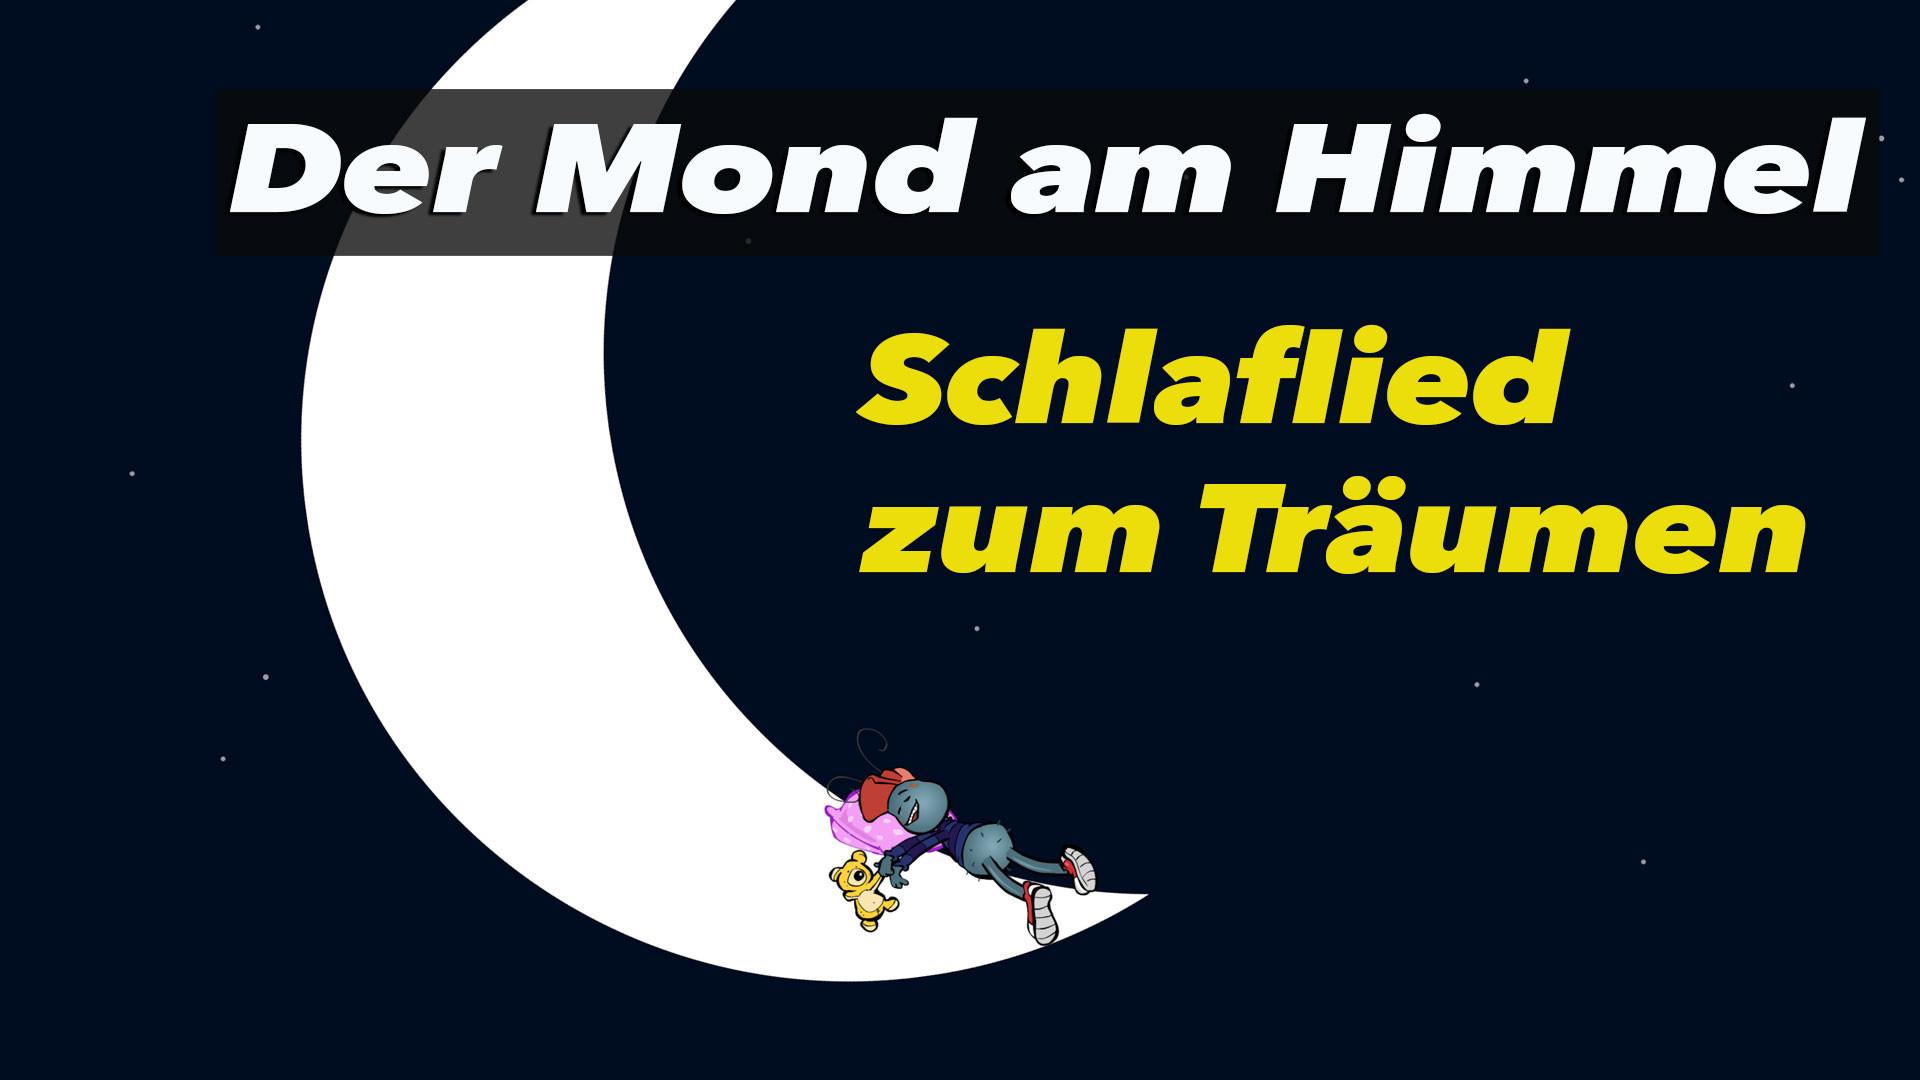 Der Mond am Himmel - Gute Nacht Lied für Kinder - Schlaflied